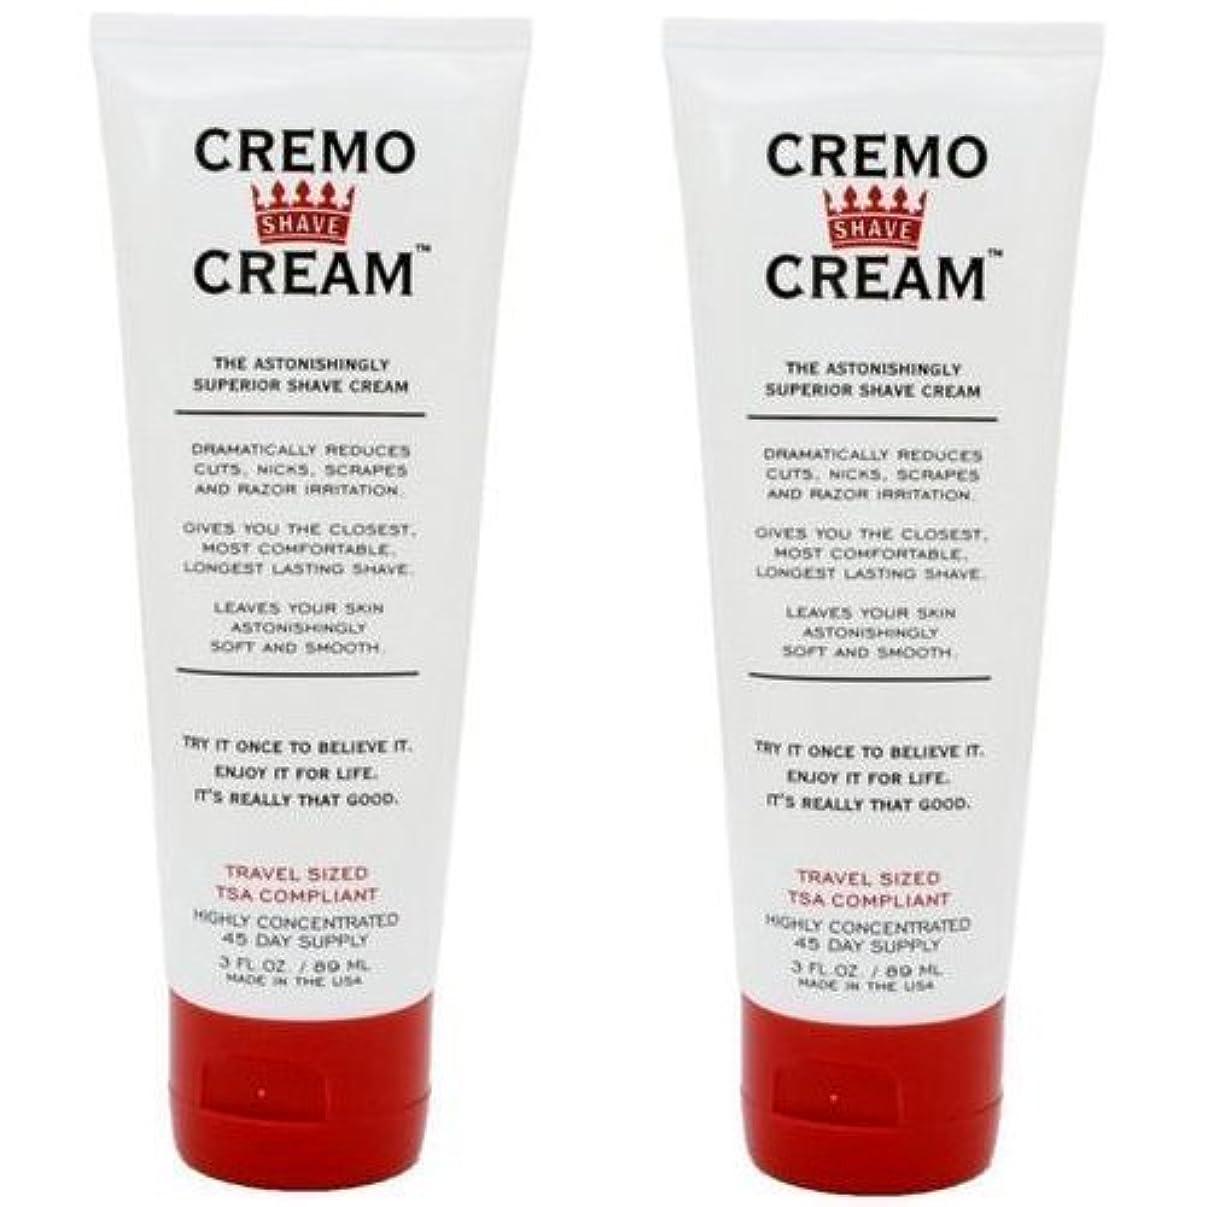 不安定確執夕方Cremo Original Shave Cream Astonishingly Superior Shaving Cream for Men Travel Size 3 Fluid Ounce (2 Pack) [並行輸入品]